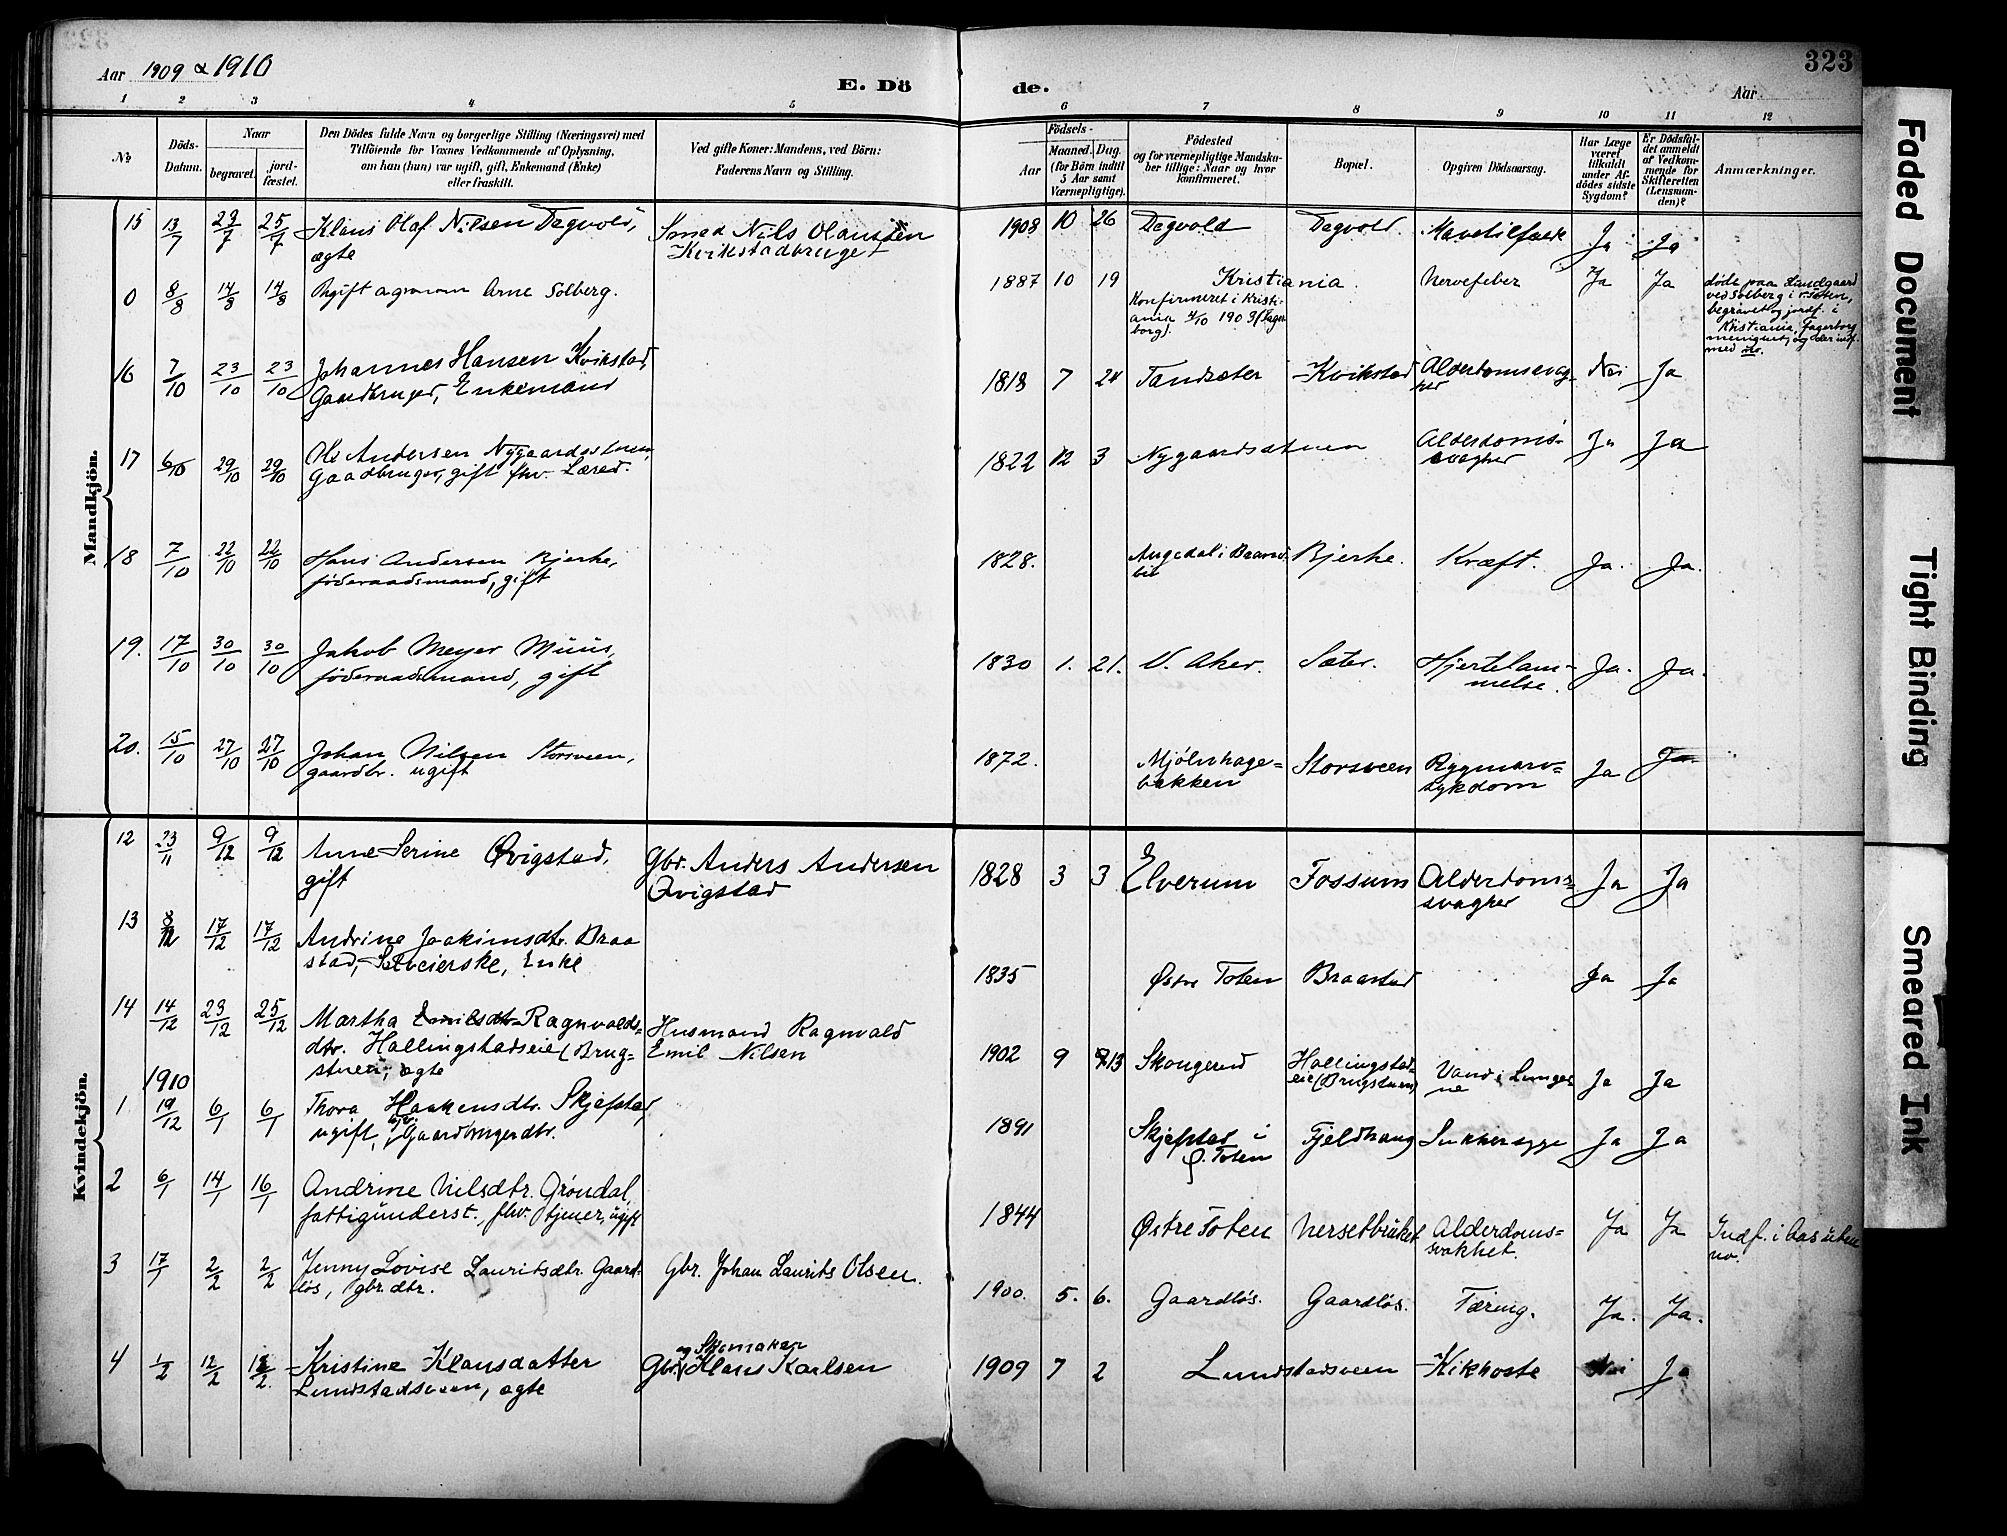 SAH, Vestre Toten prestekontor, Ministerialbok nr. 13, 1895-1911, s. 323